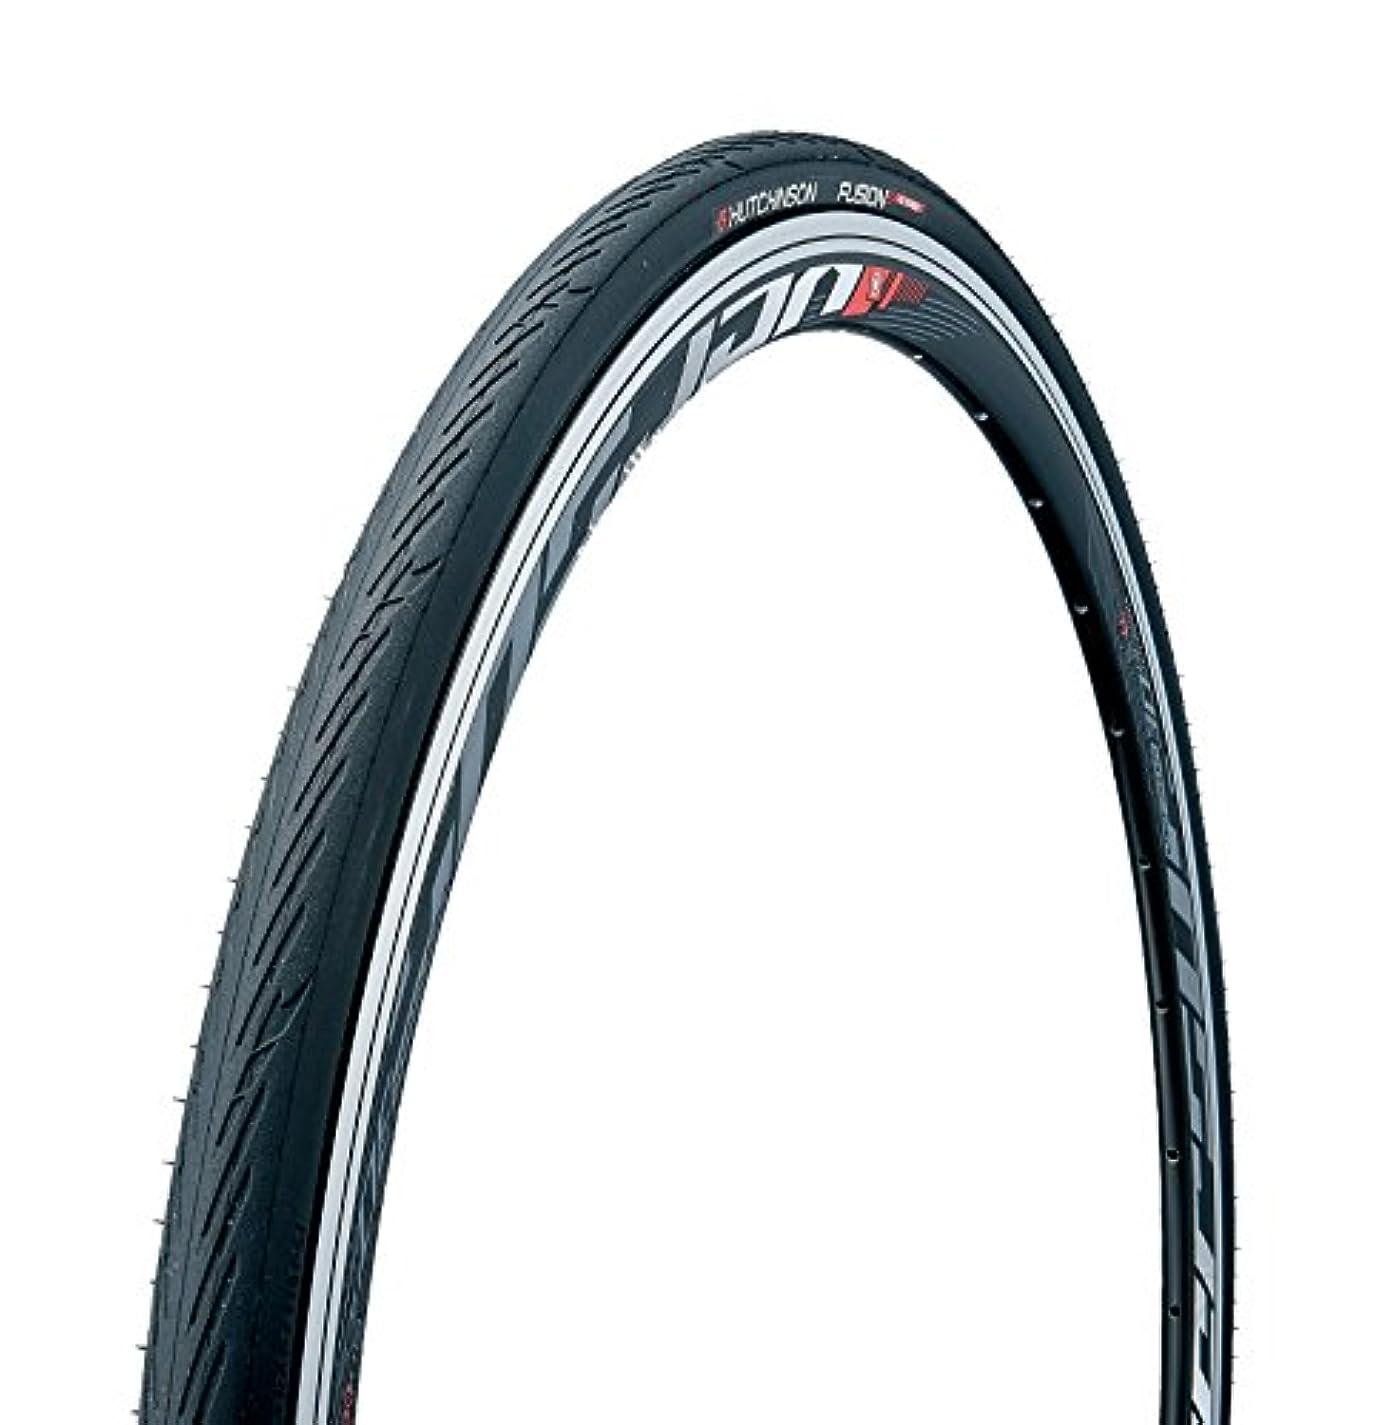 不屈叱る胃Hutchinson(ハッチンソン) 自転車 タイヤ ロード MTB バイク FUSION5 11ストーム オールシーズン TT 700x28 PV527701